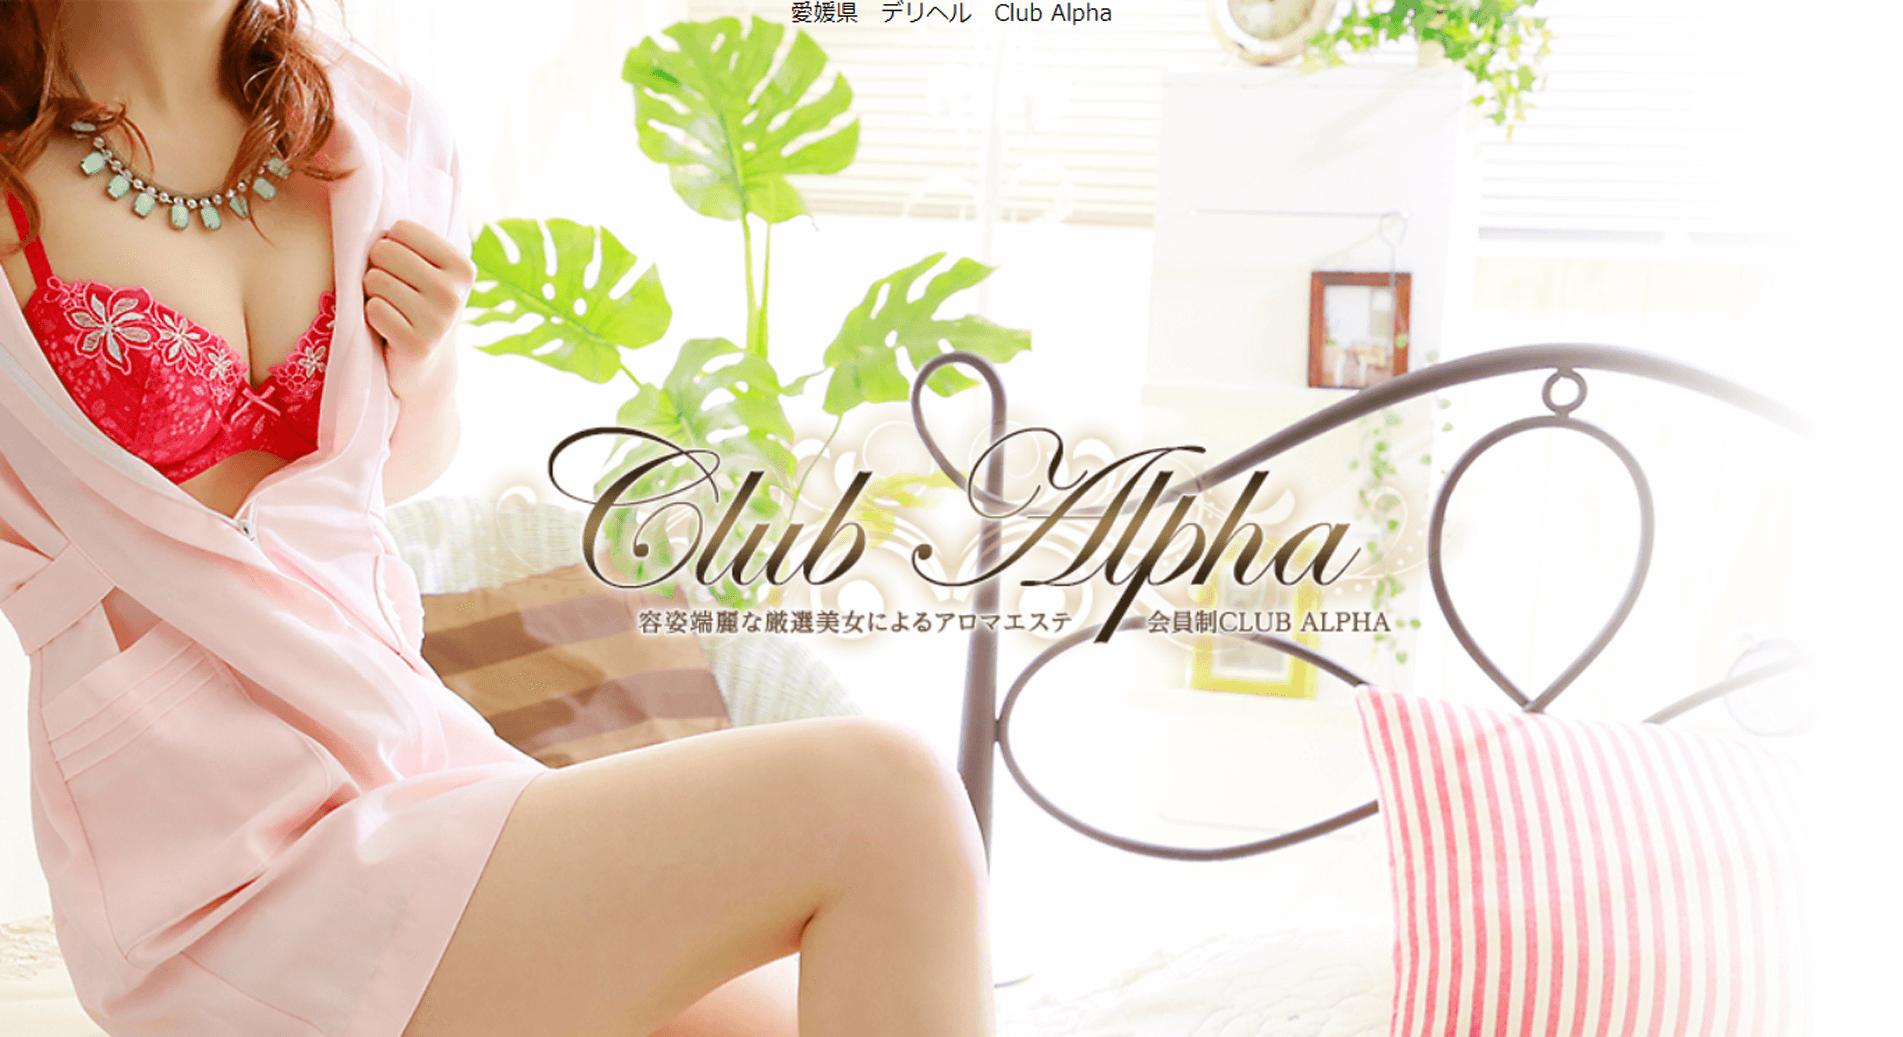 松山市 会員制 CLUB ALPHA[エステ・マッサージ]のホームページ